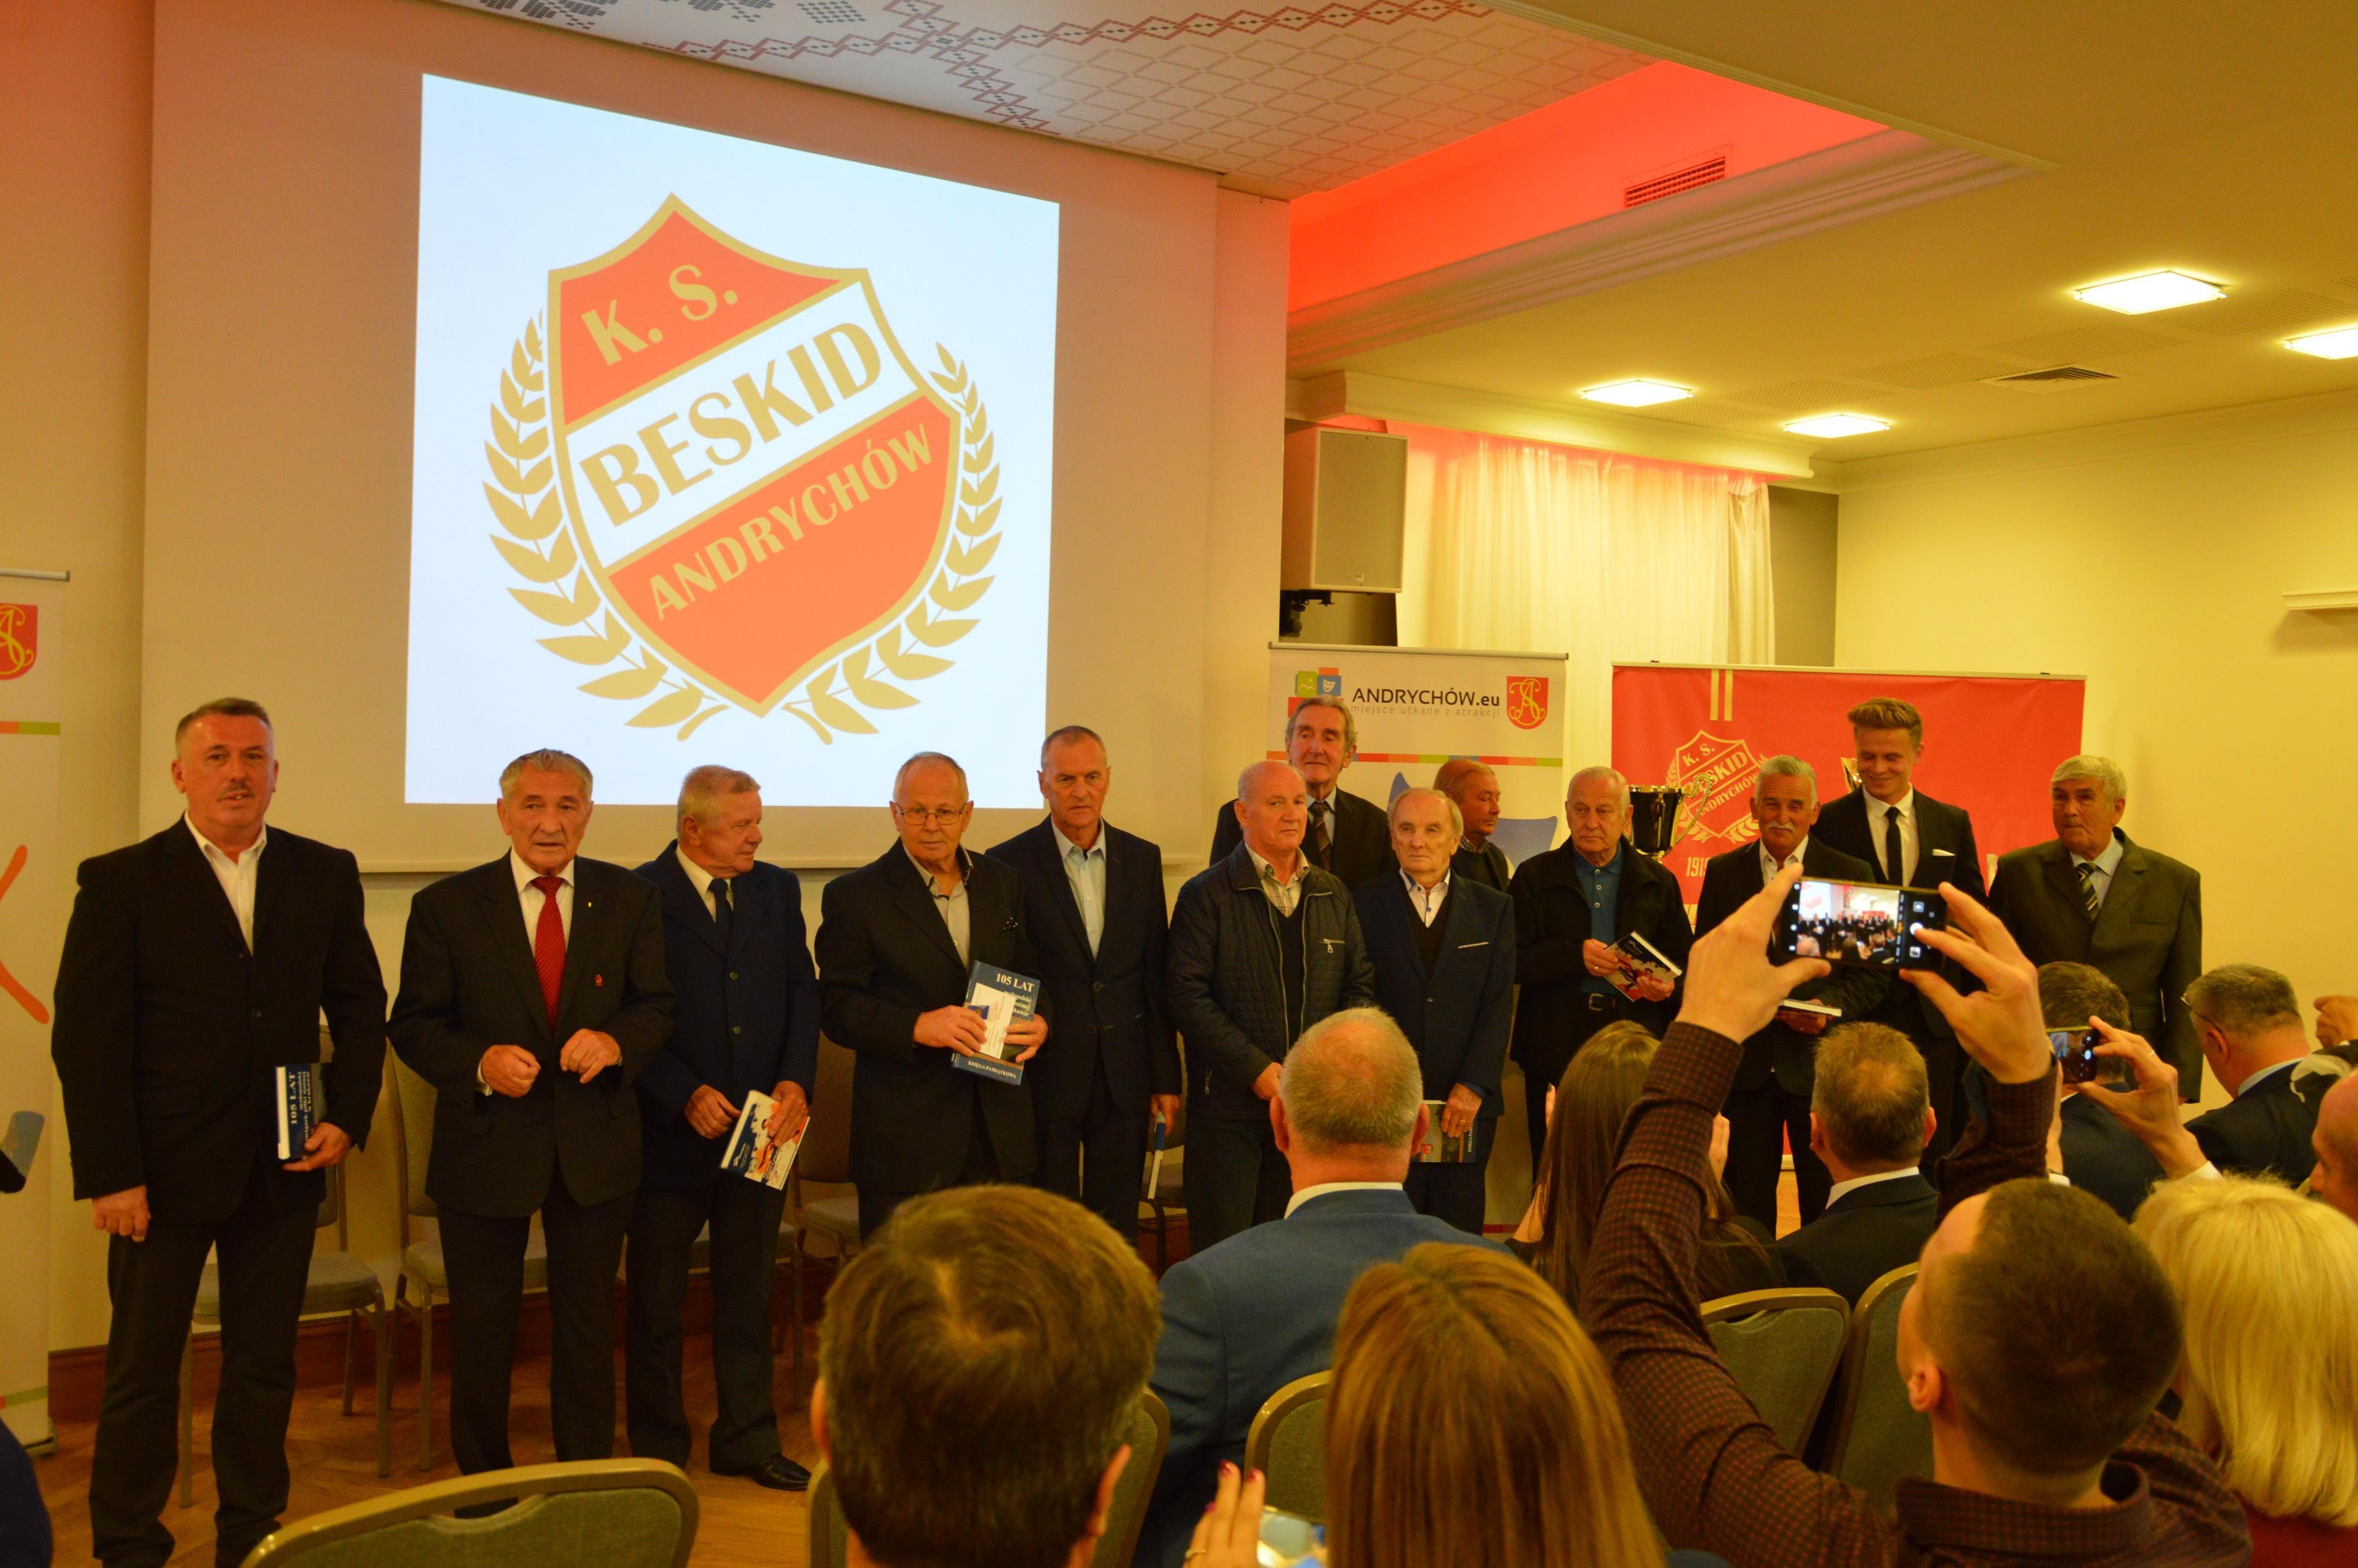 Gala na Kocierzu z okazji jubileuszu 100-lecia Beskidu Andrychów [FOTO, VIDEO]